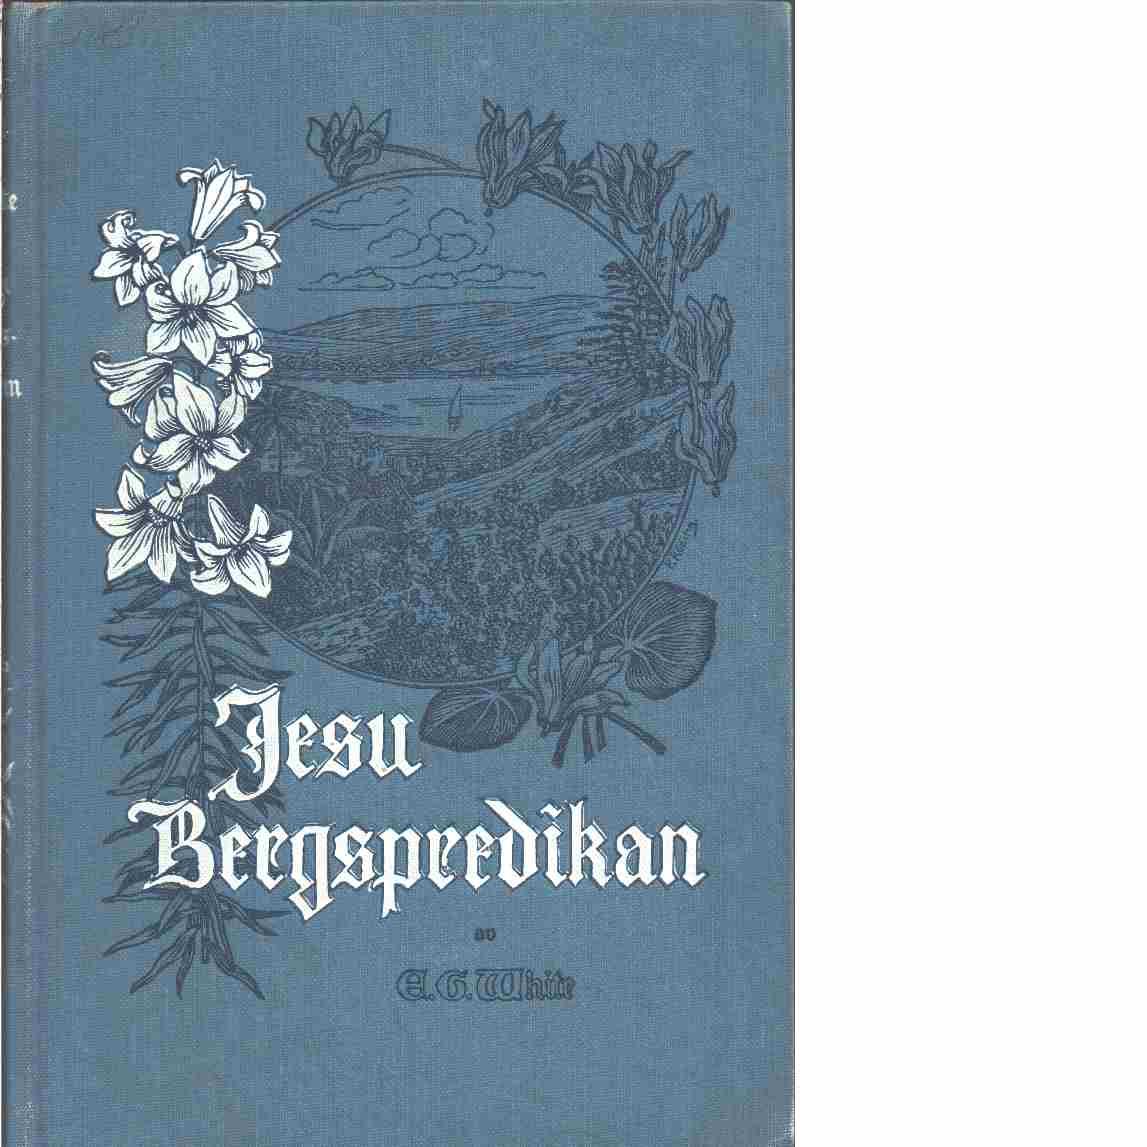 Jesu bergspredikan  - White, Ellen Gould Harmon